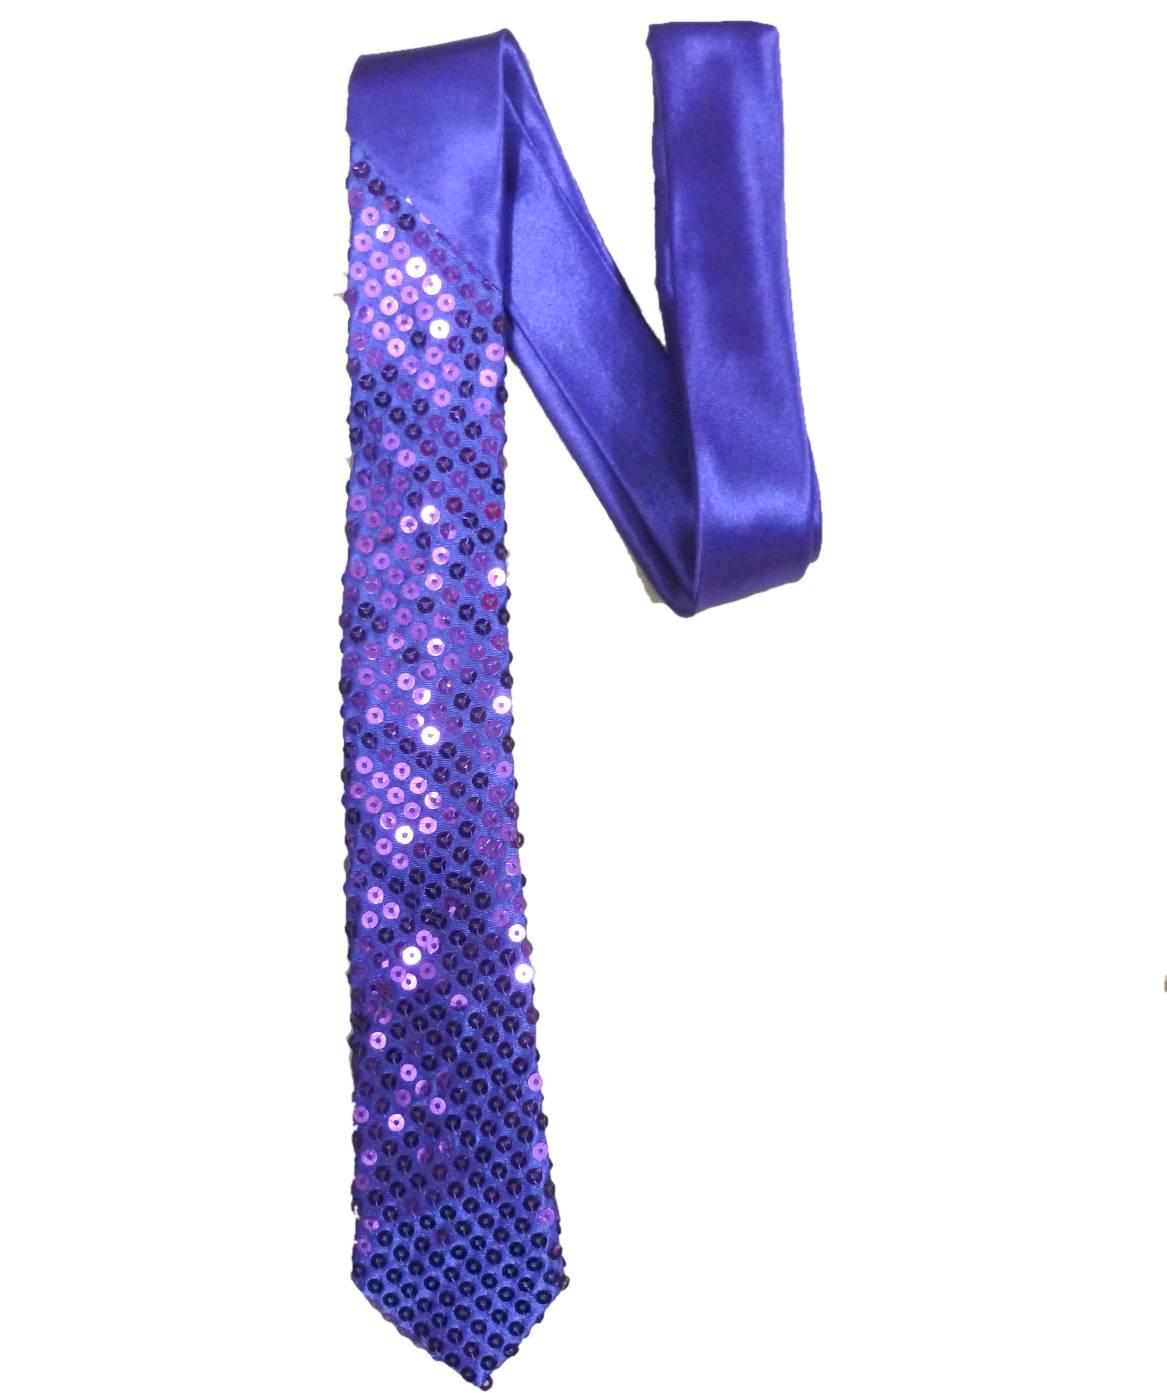 Cravate-paillettes-violette